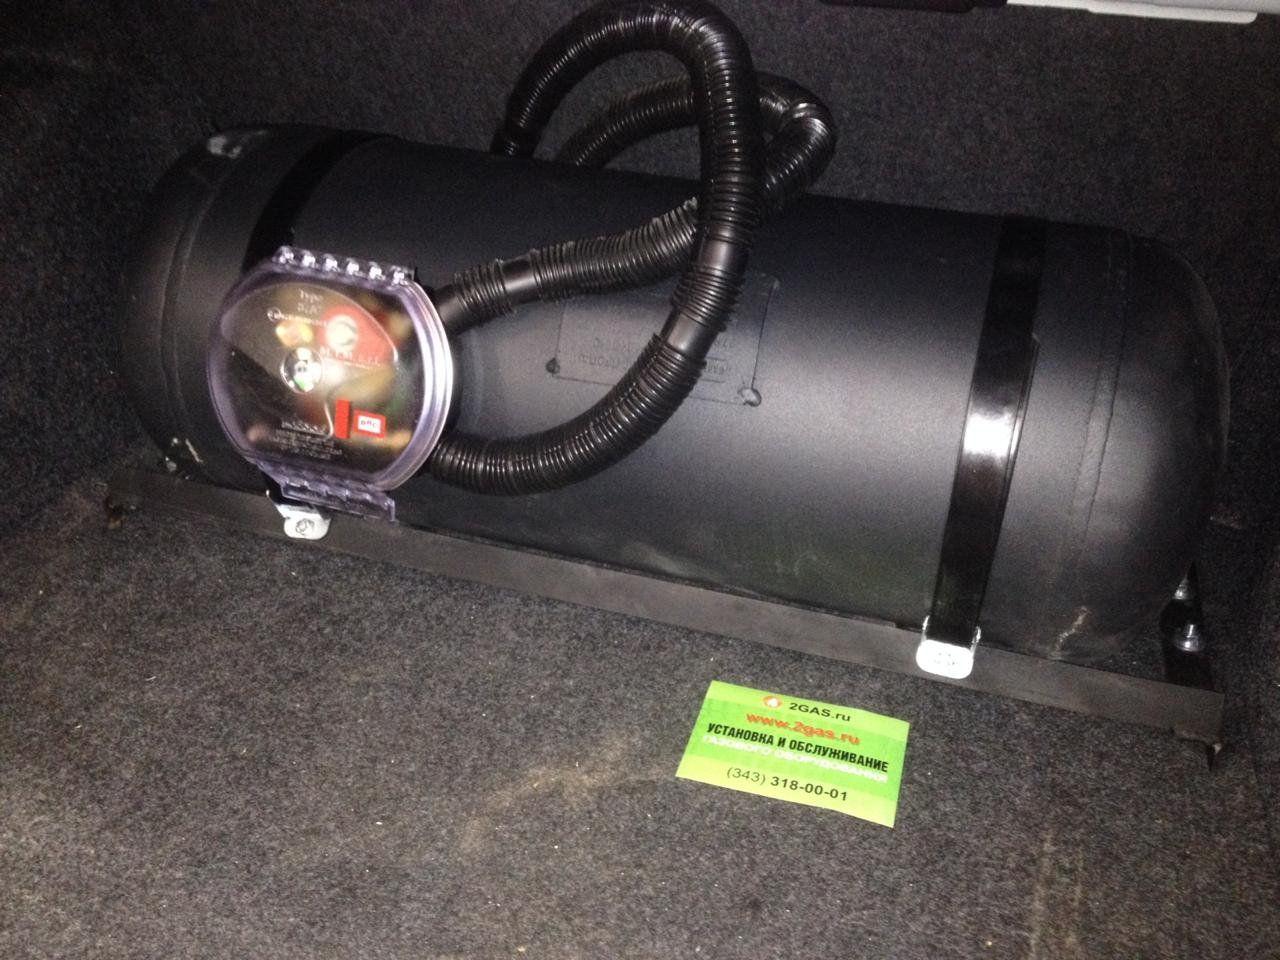 Цилиндрический баллон 60 л (315х863 мм) с мультиклапаном класса Европа 2, с запорным электроклапаном, пожарным клапаном и электронным датчиком уровня топлива  (на месте запасного колеса)